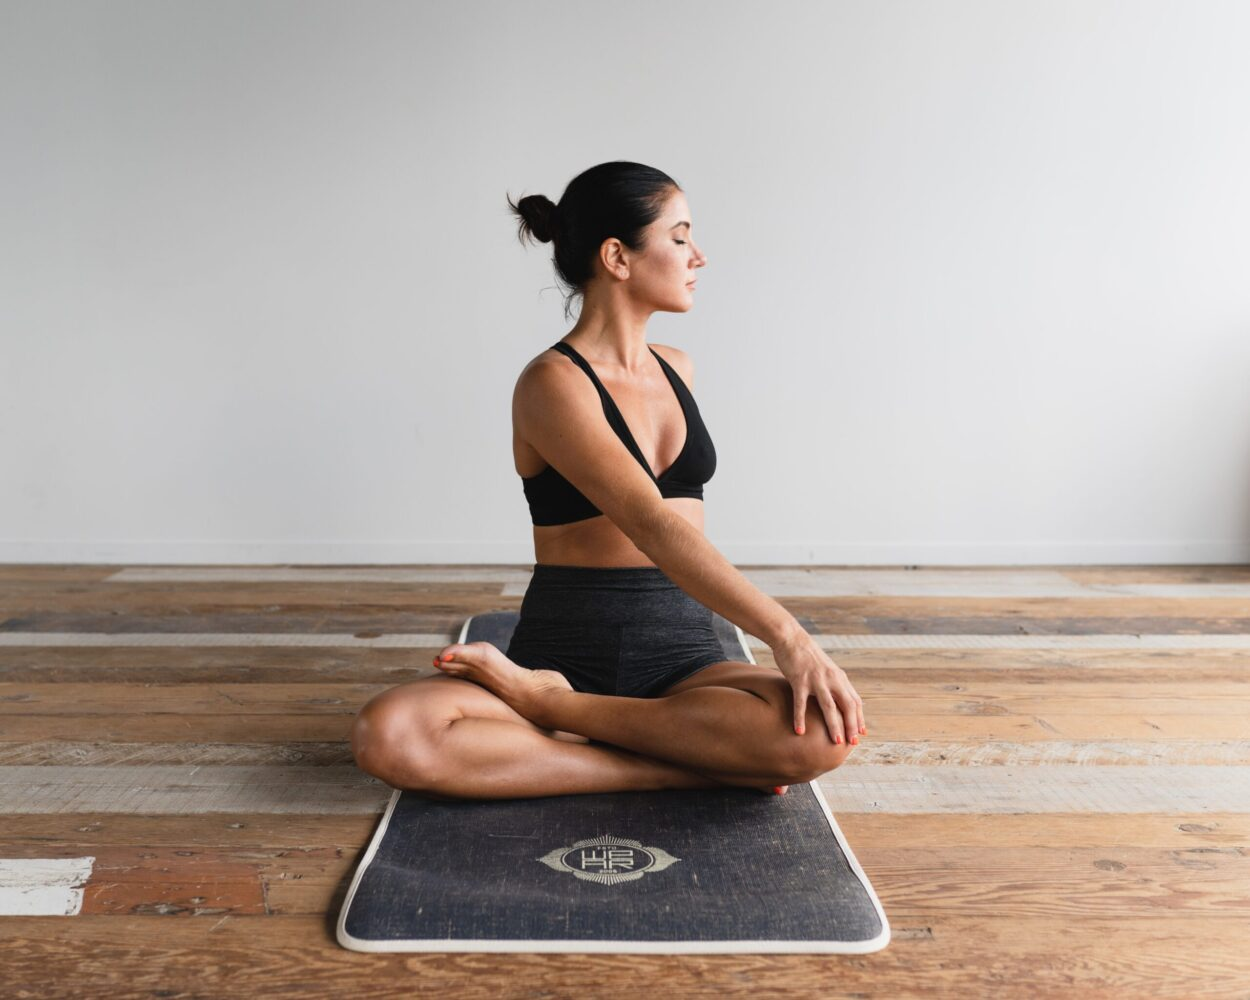 Het Gezinsleven - Lifestyle - Mindset - In 10 stappen het perfecte ochtendritueel voor een productieve dag - Stretchen